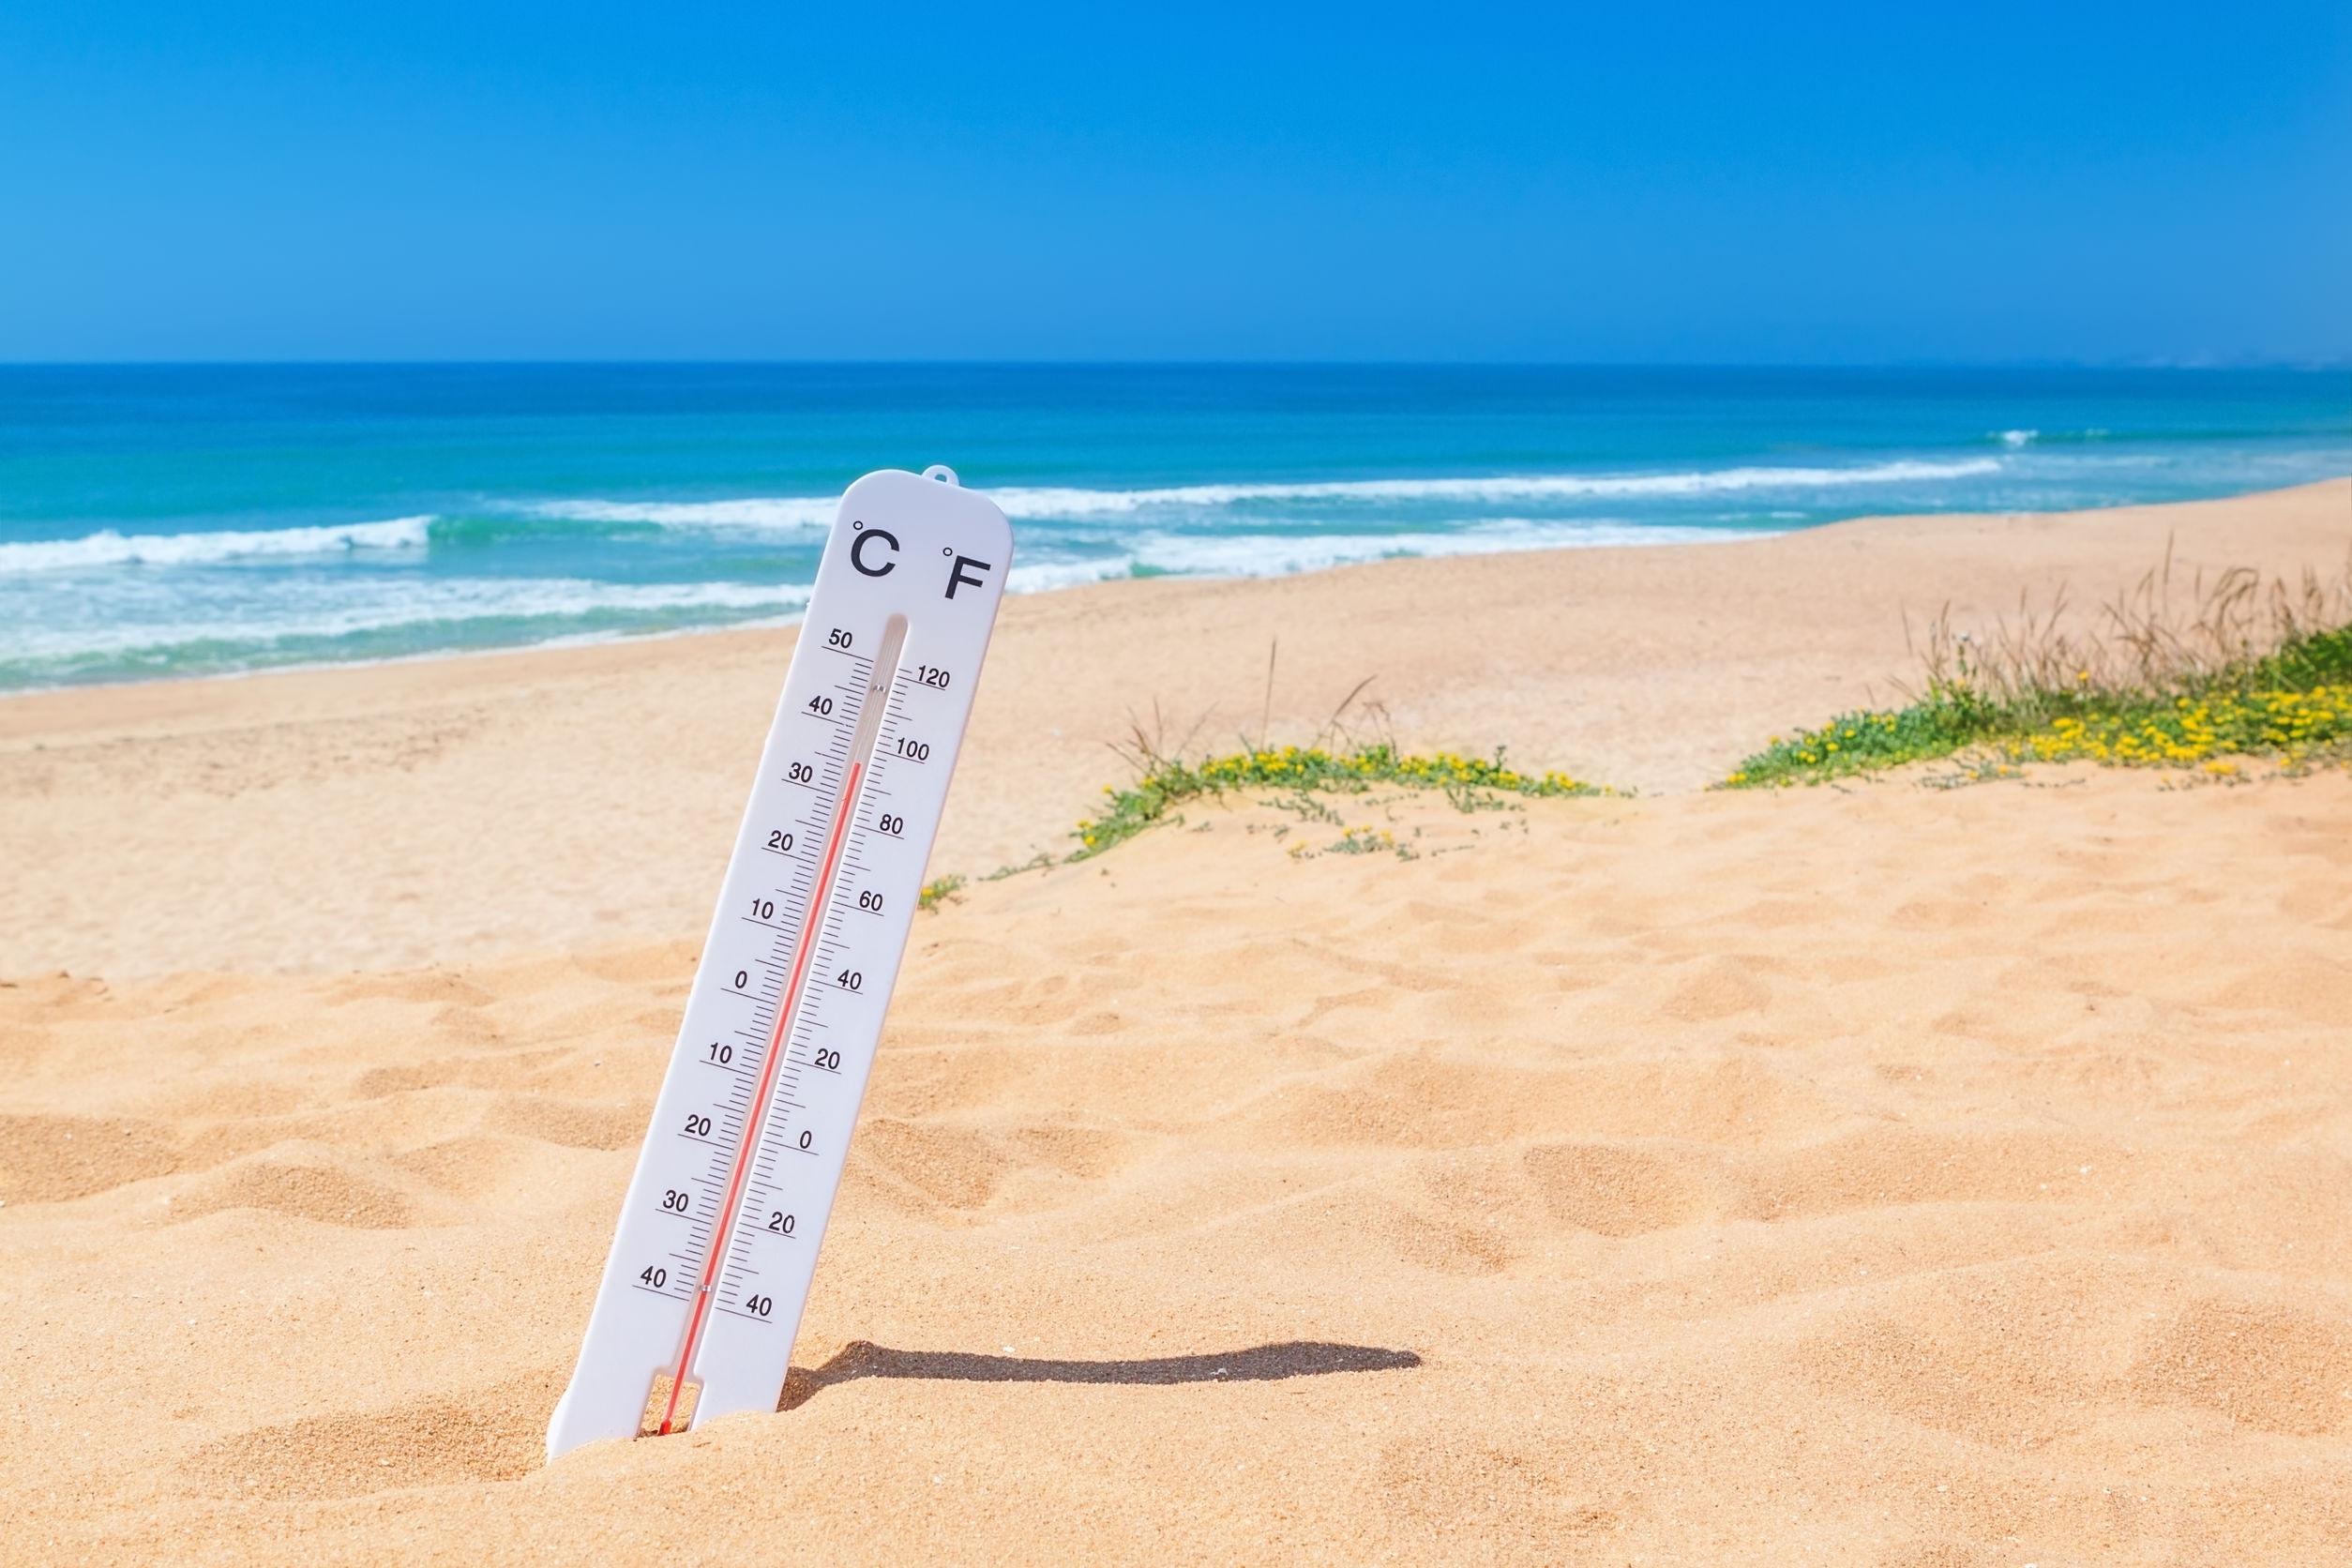 Vară în toată regula, ca la sfârşitul lunii iulie! Meteorologii anunţă temperaturi RIDICATE. Maximele ajung la 35 de grade